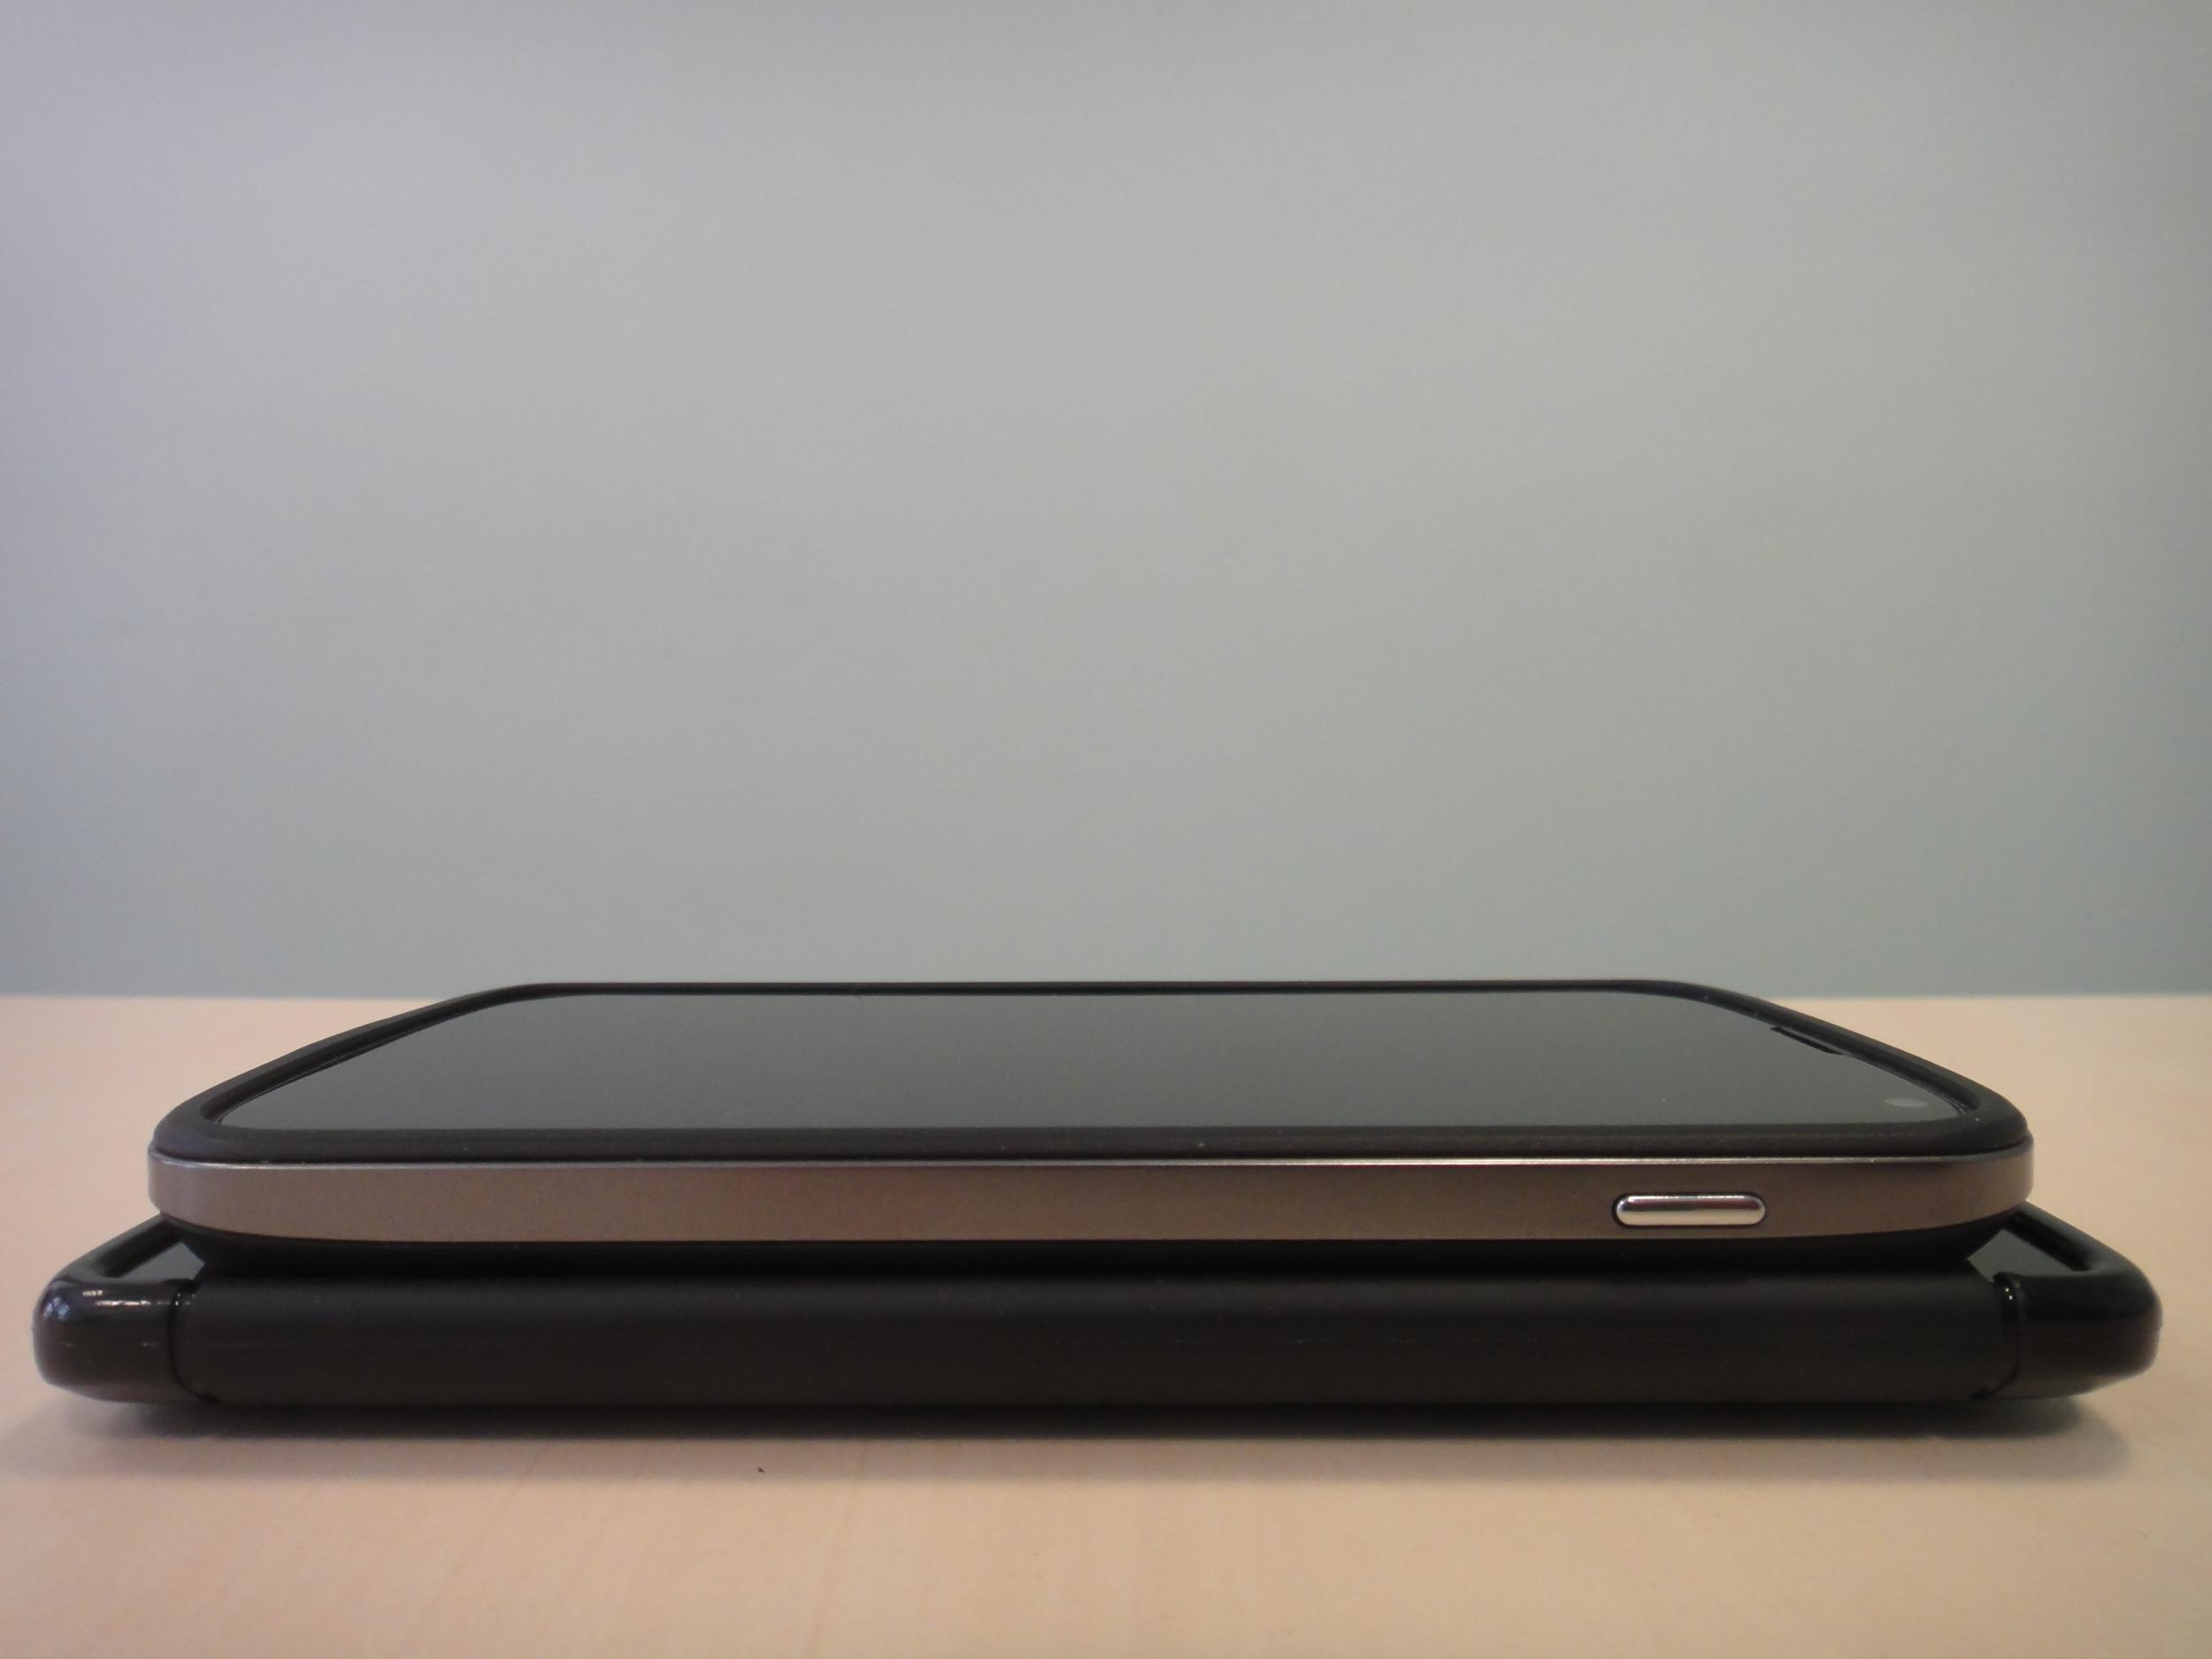 Nexus 4 on LG G3